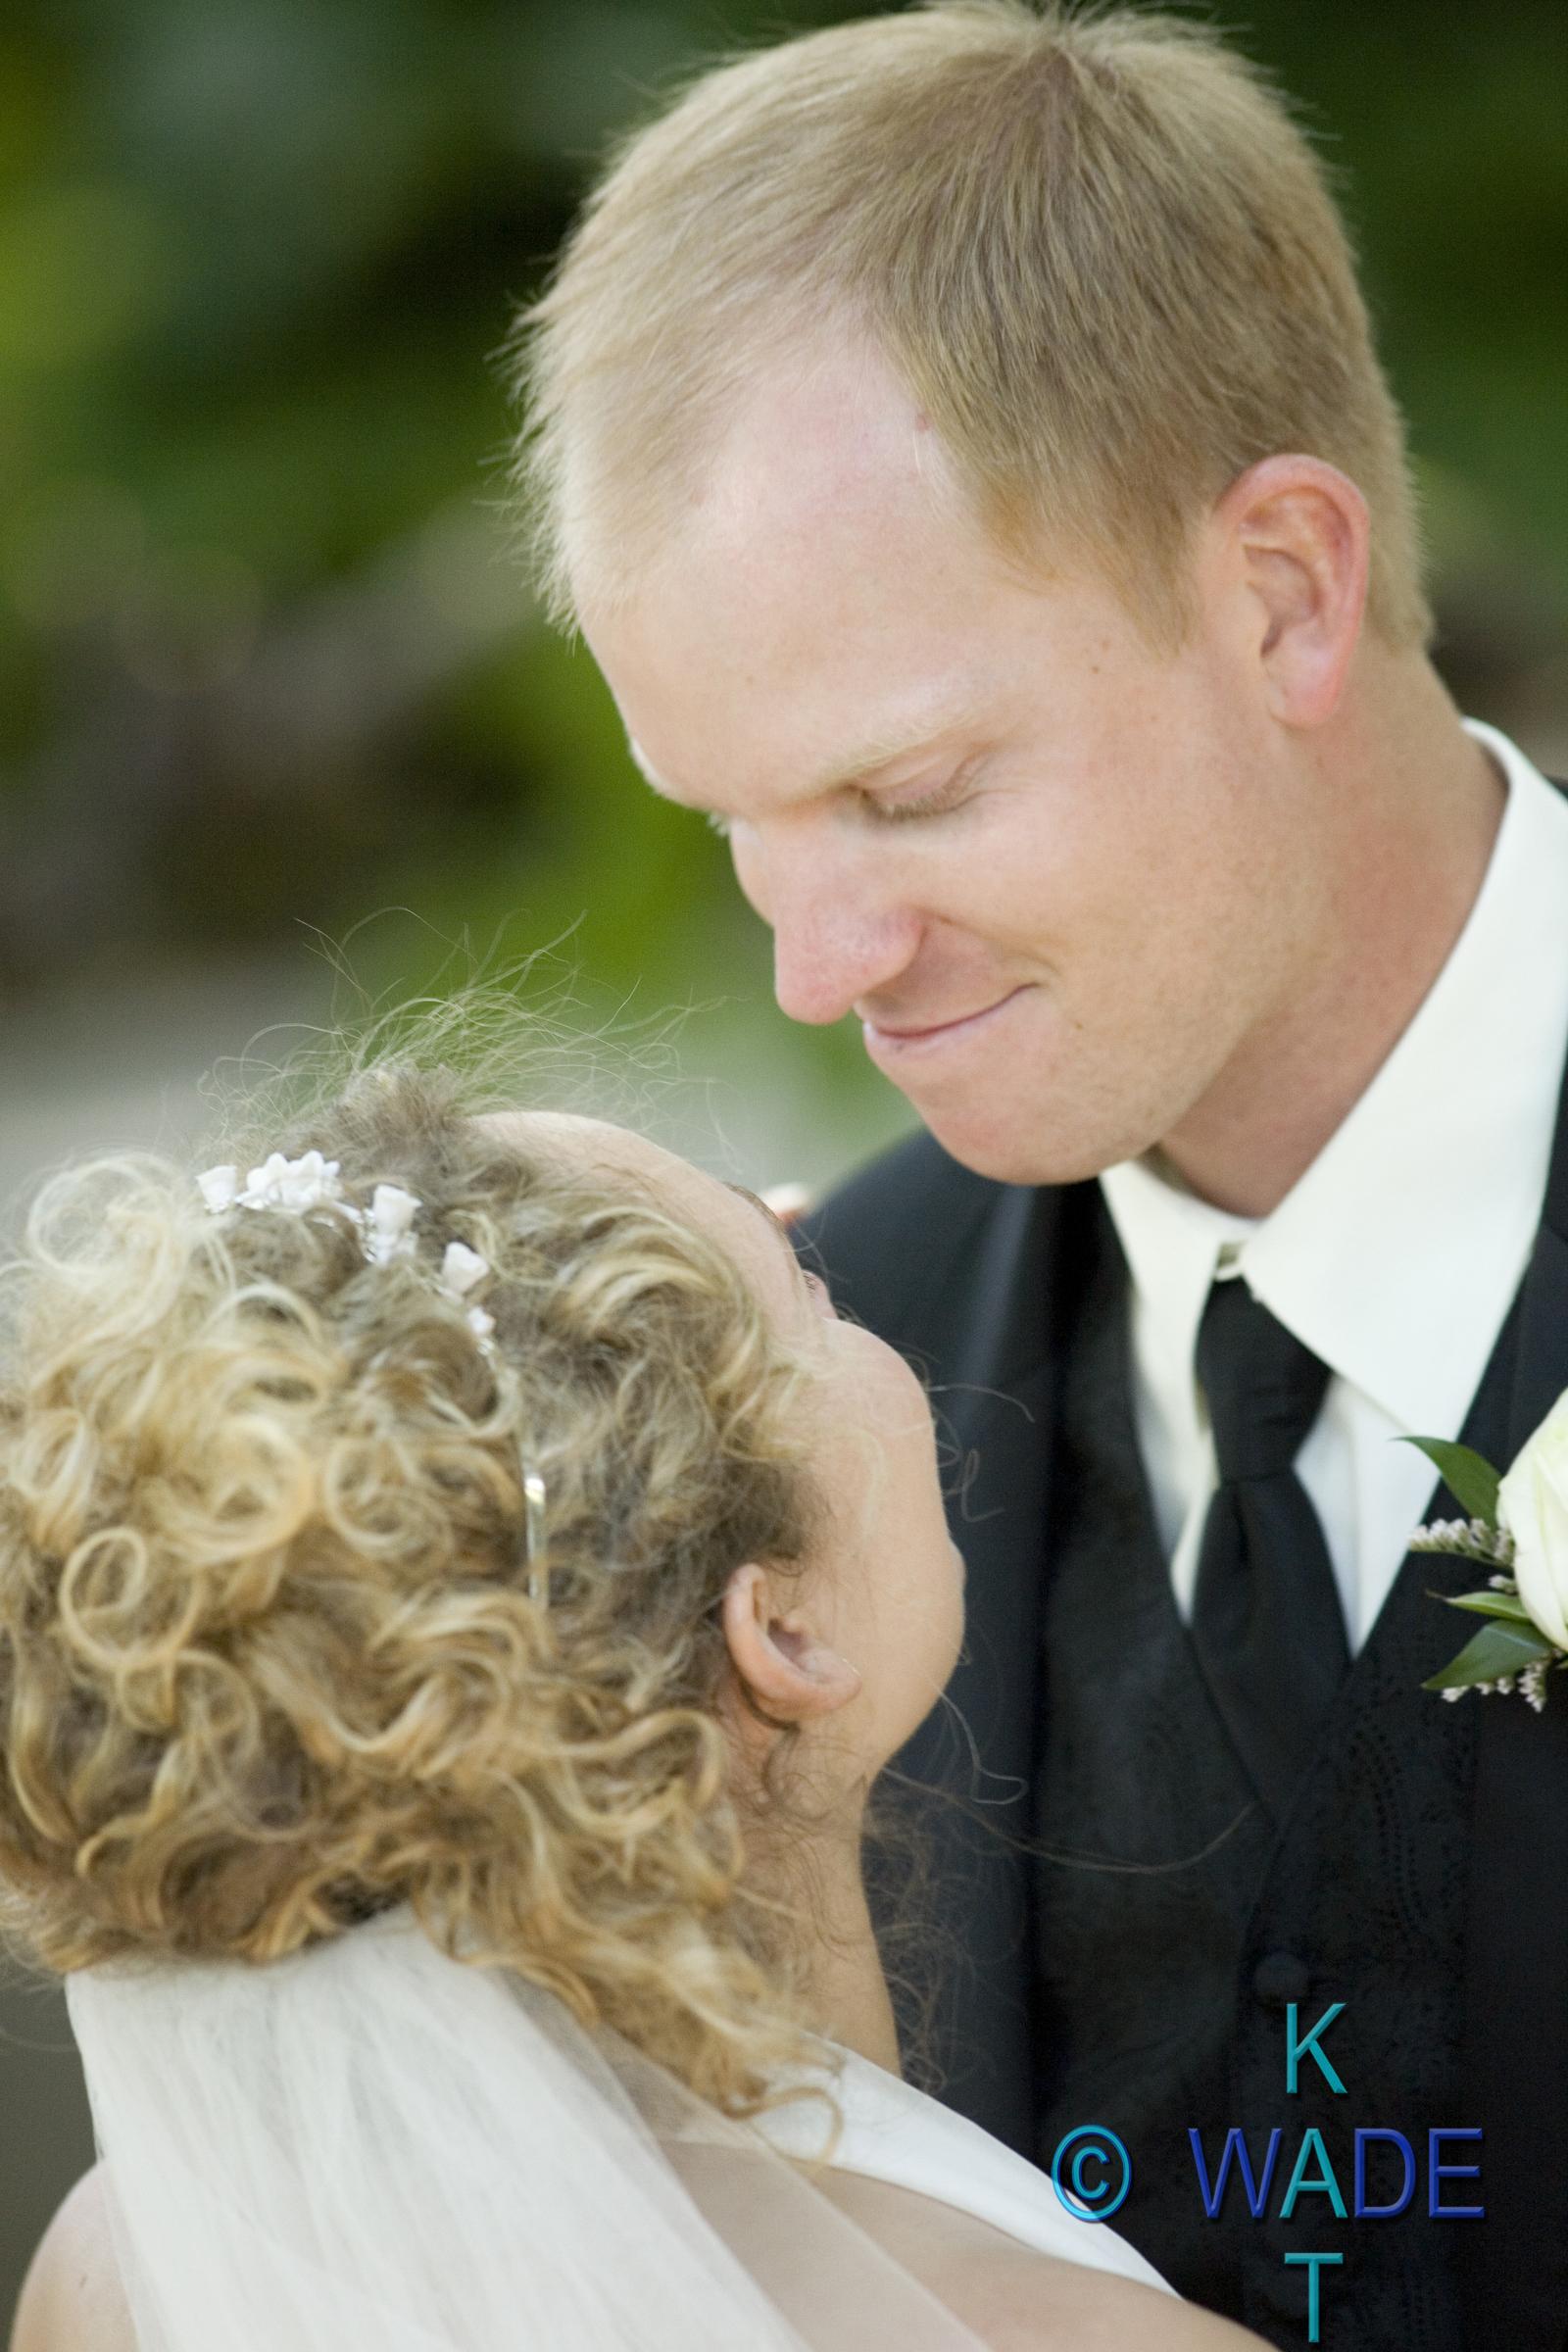 AMANDA_and_JON_Wedding_407_KatWade